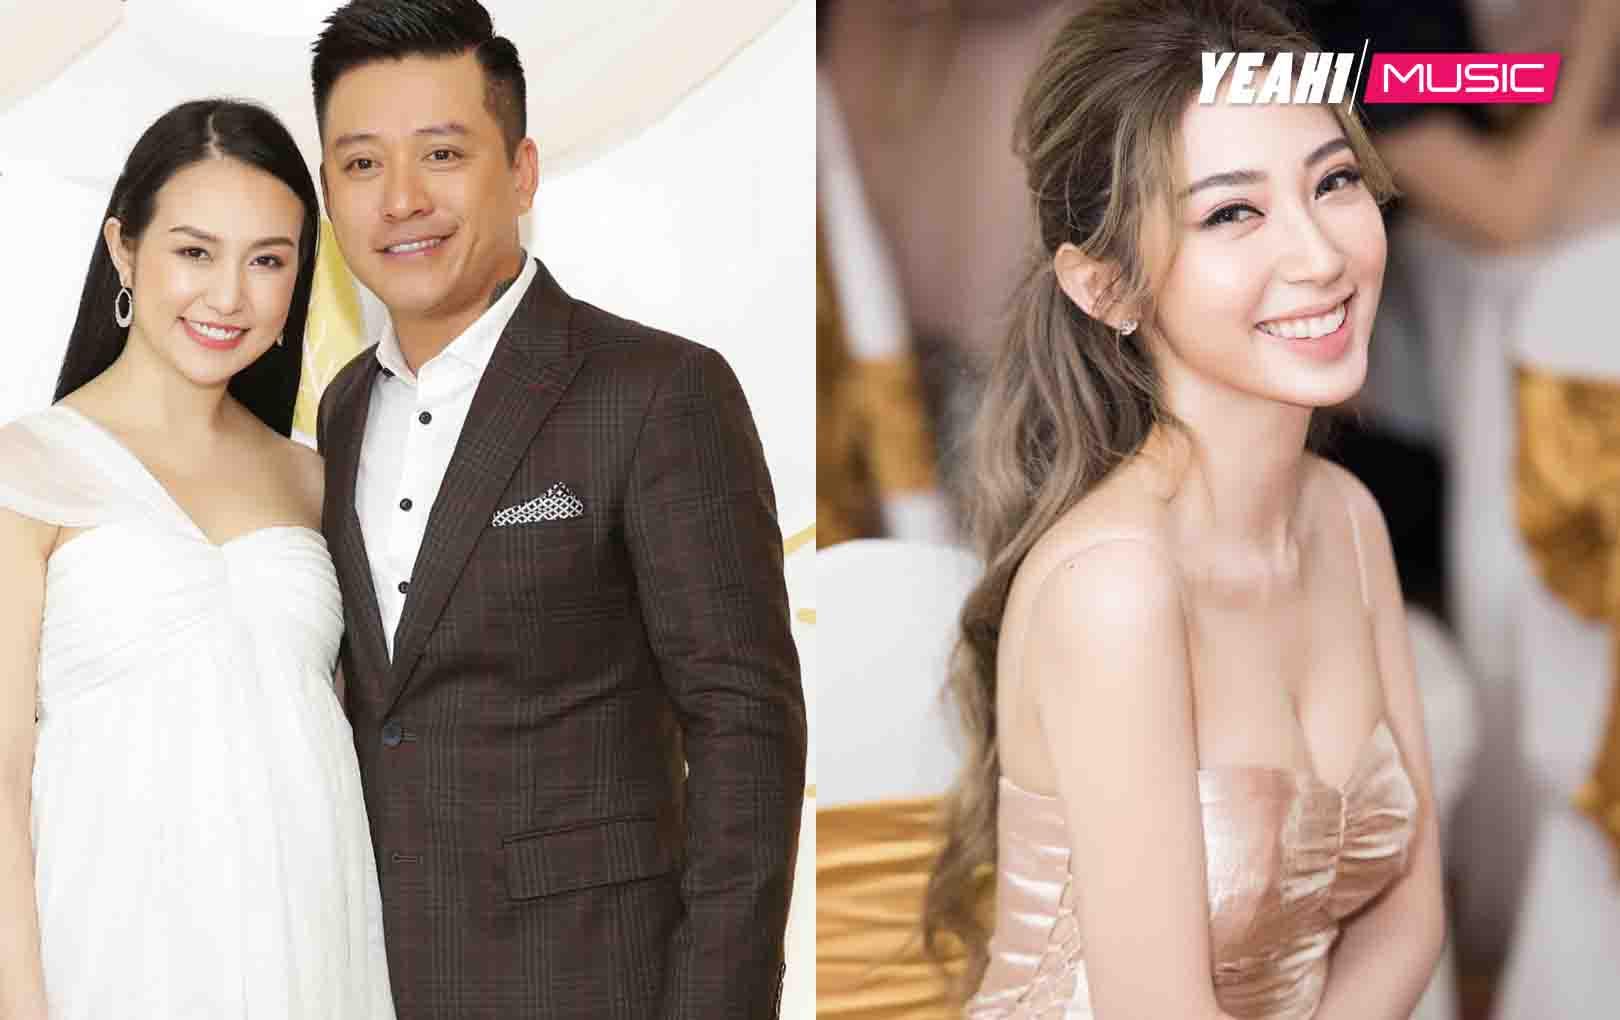 Khổng Tú Quỳnh lên chức mới, vợ chồng Tuấn Hưng cùng dàn sao Việt kéo đến chúc mừng